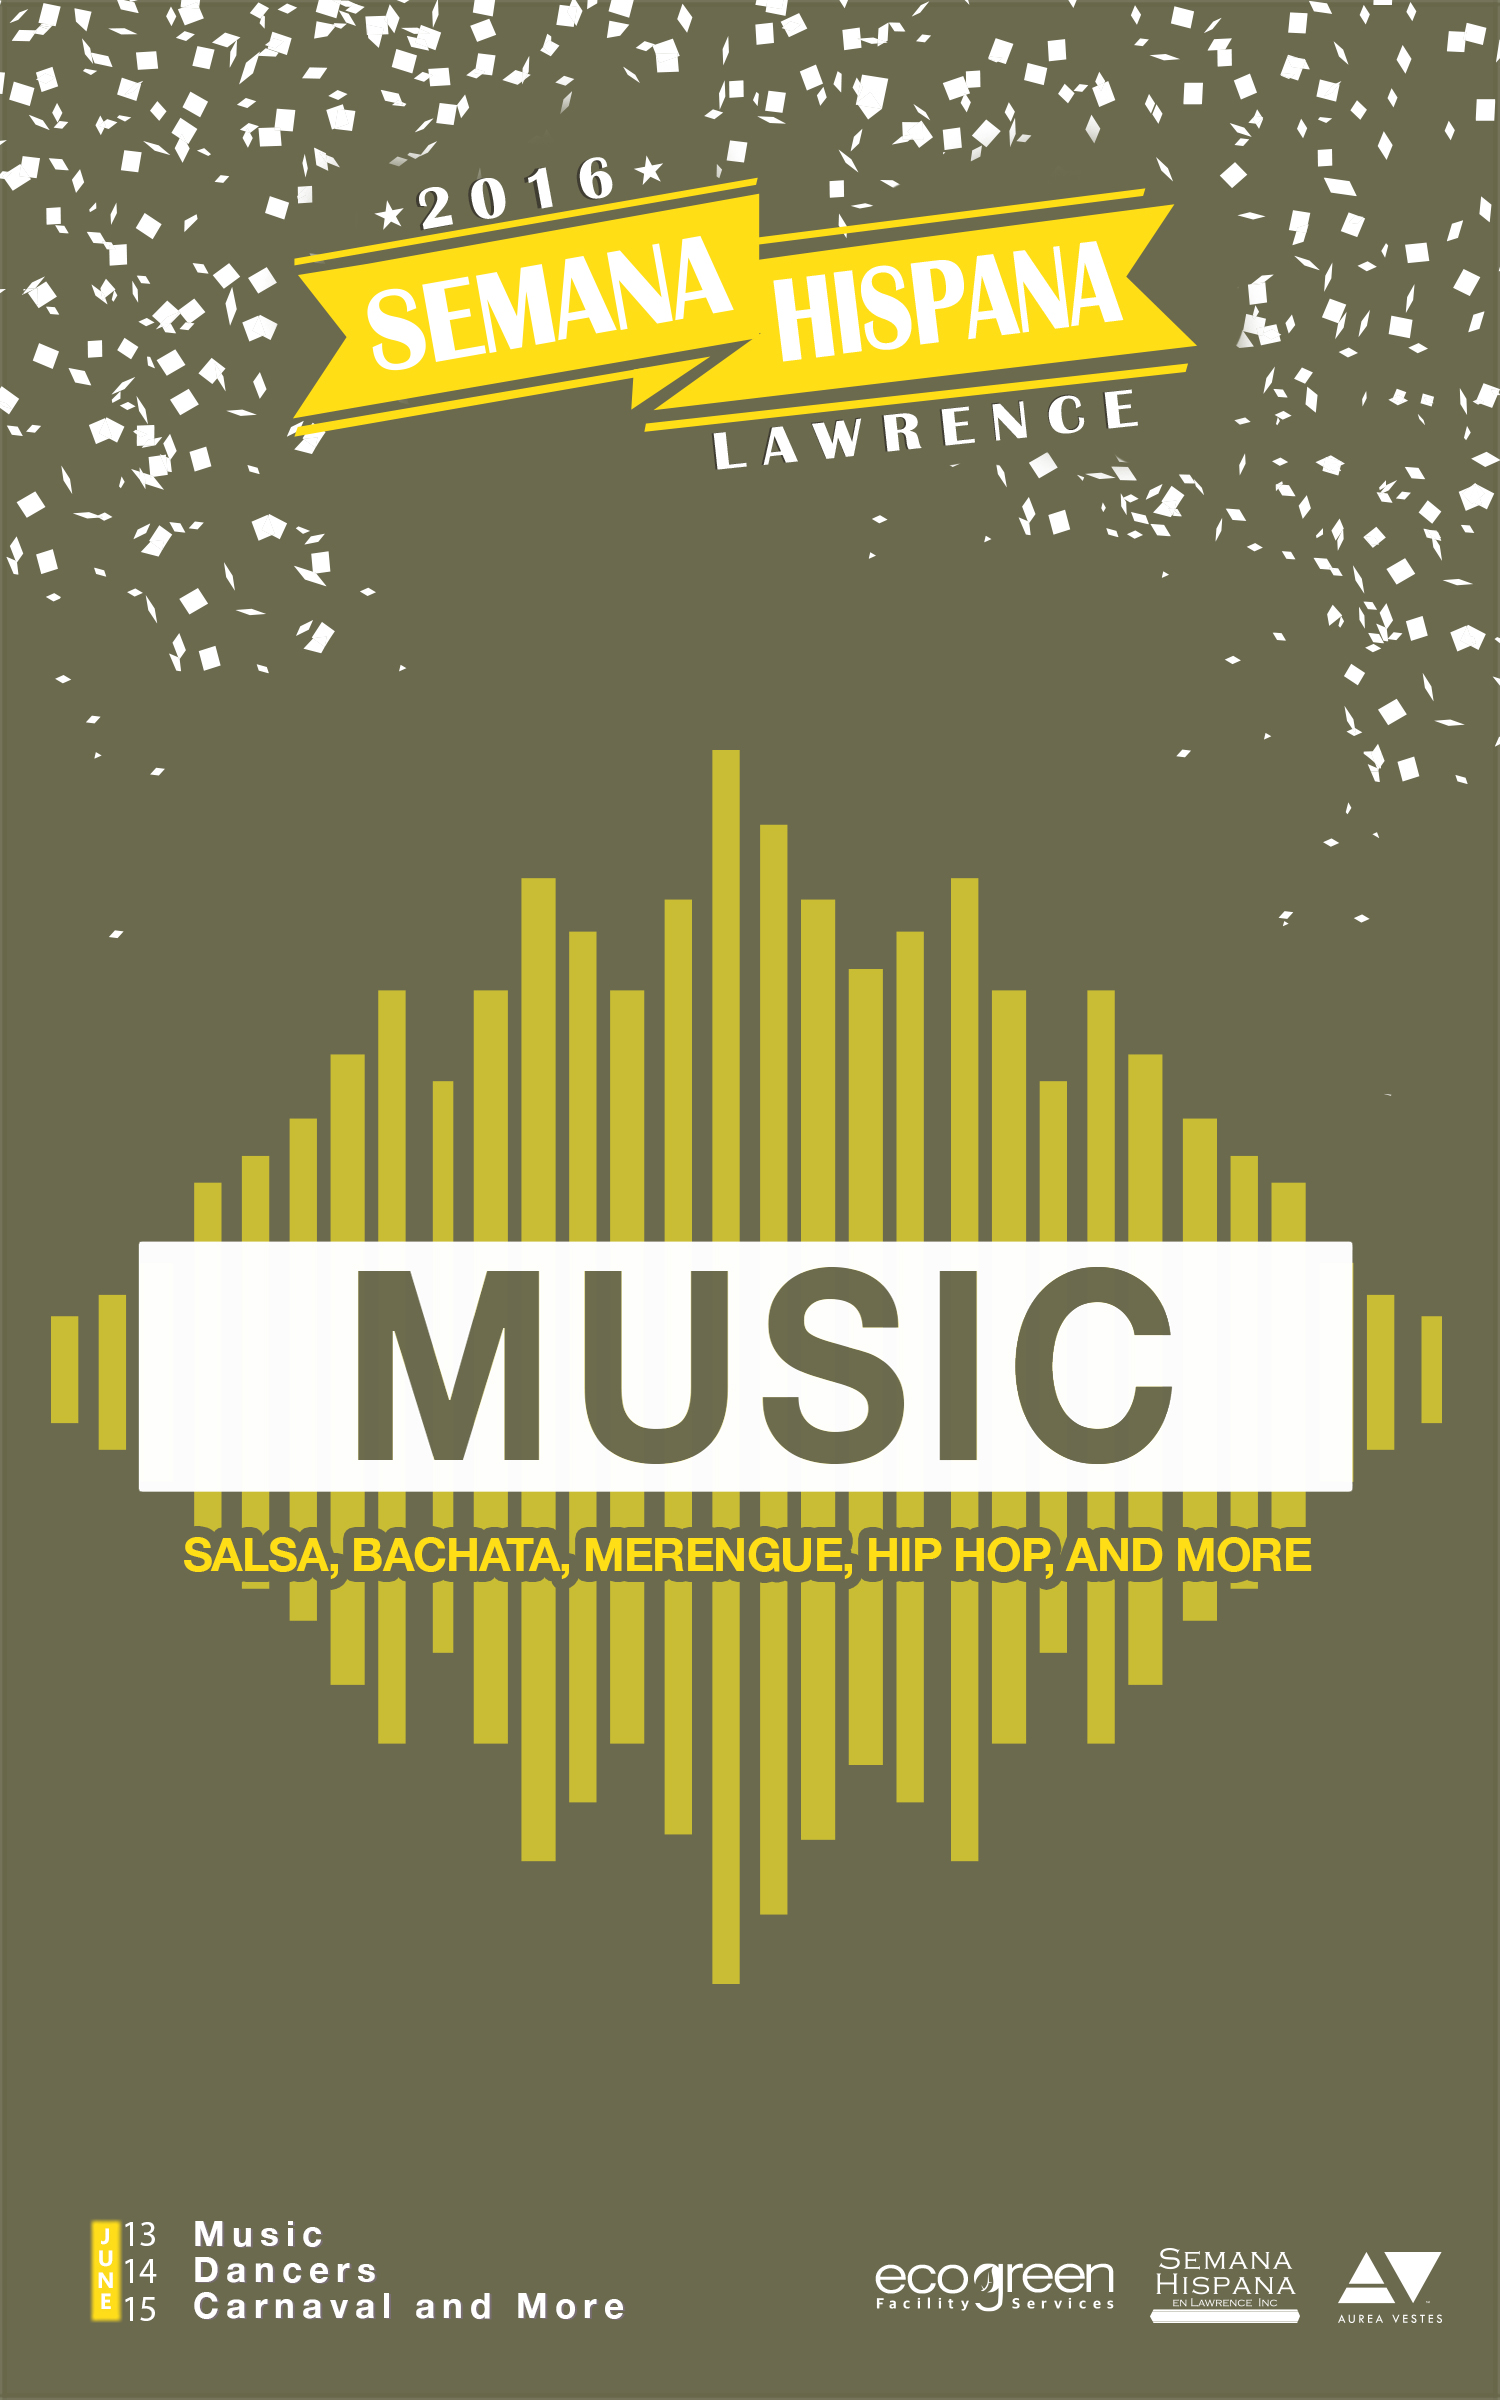 Flyer_MUSIC_semana_hispana.jpg